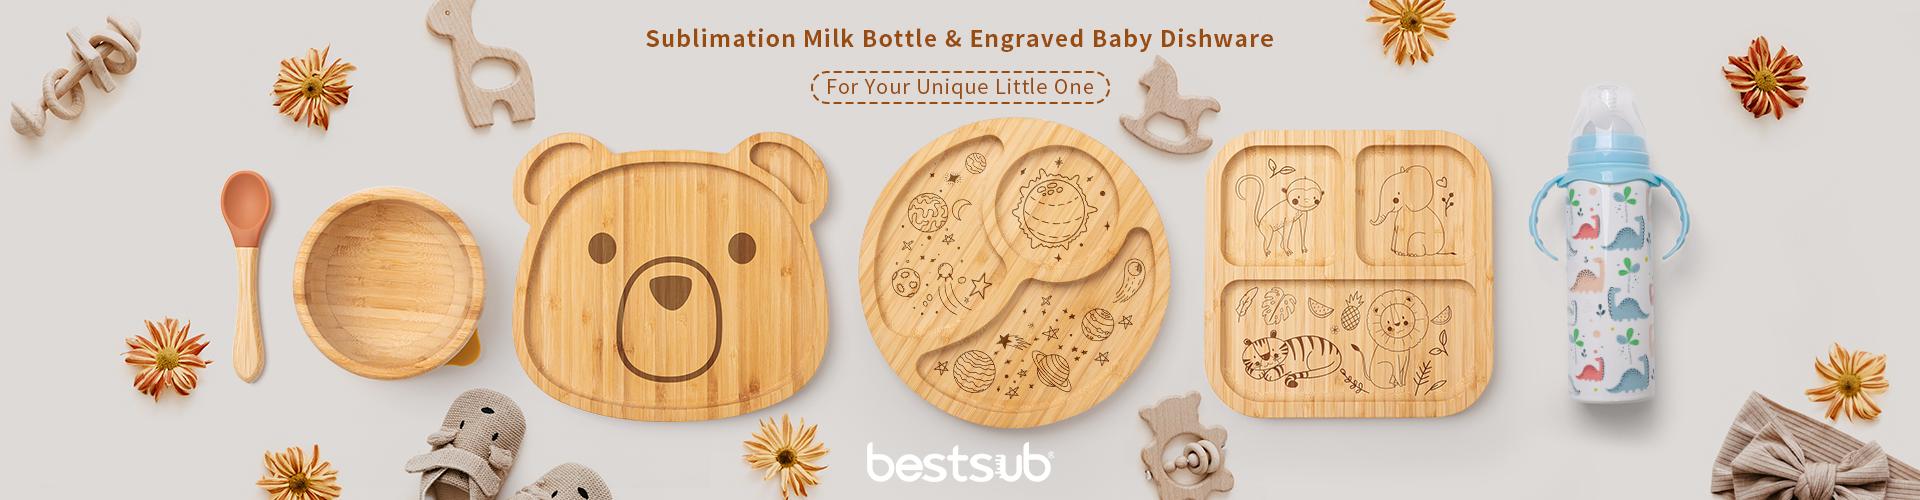 2021-07-13_Sublimation_Milk_Bottle_Engraved_Baby_Dishware_new_web